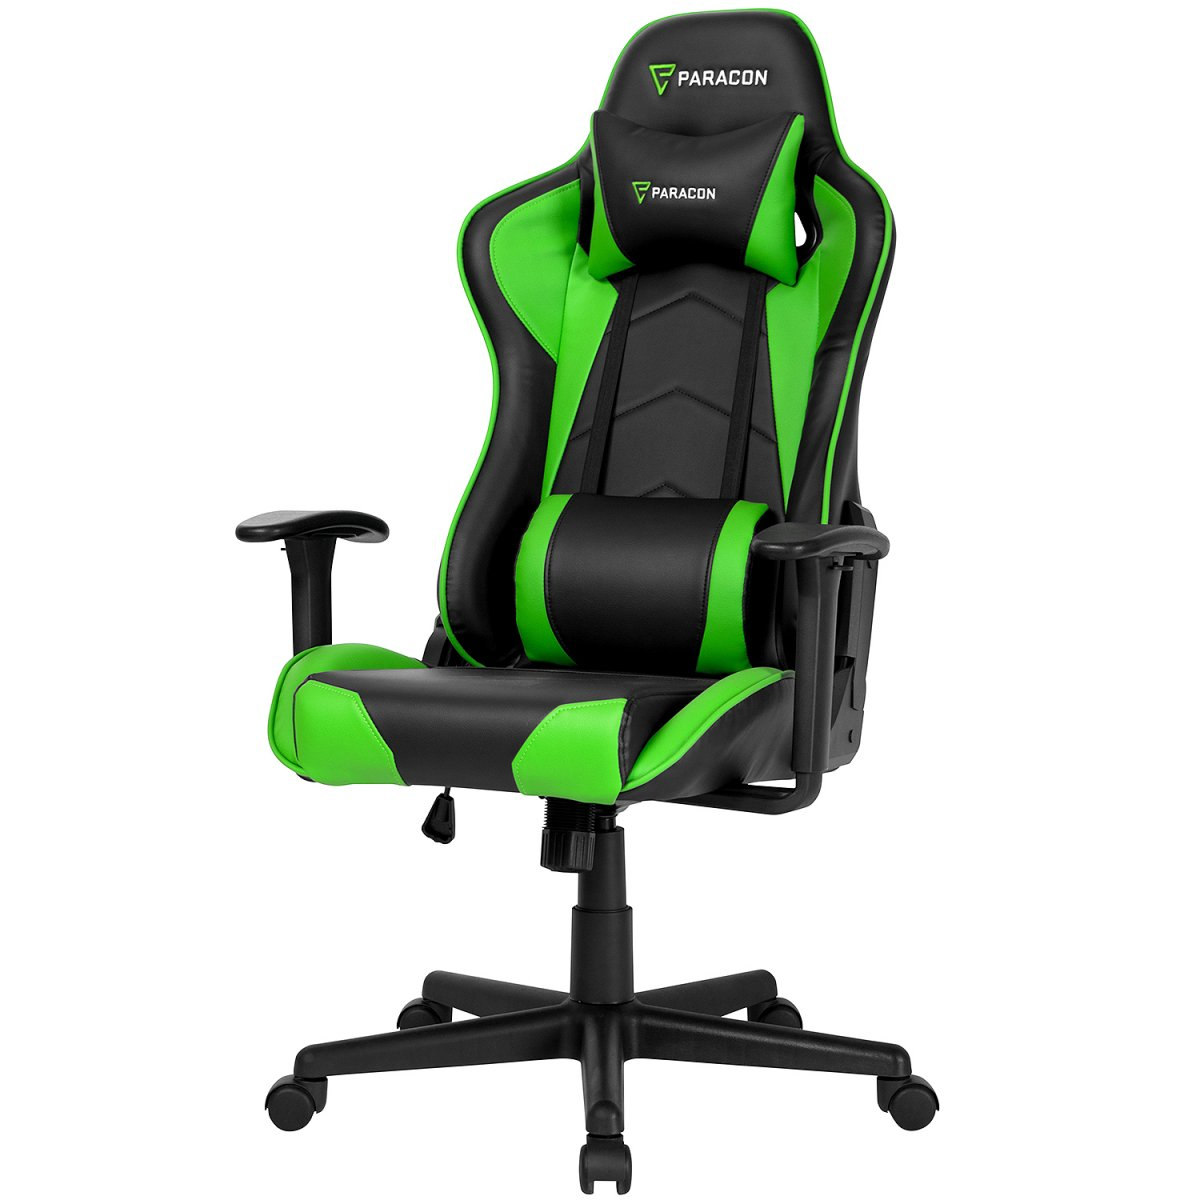 Paracon Brawler gamer stol grønn. Kjøp nå og få levert på døren.